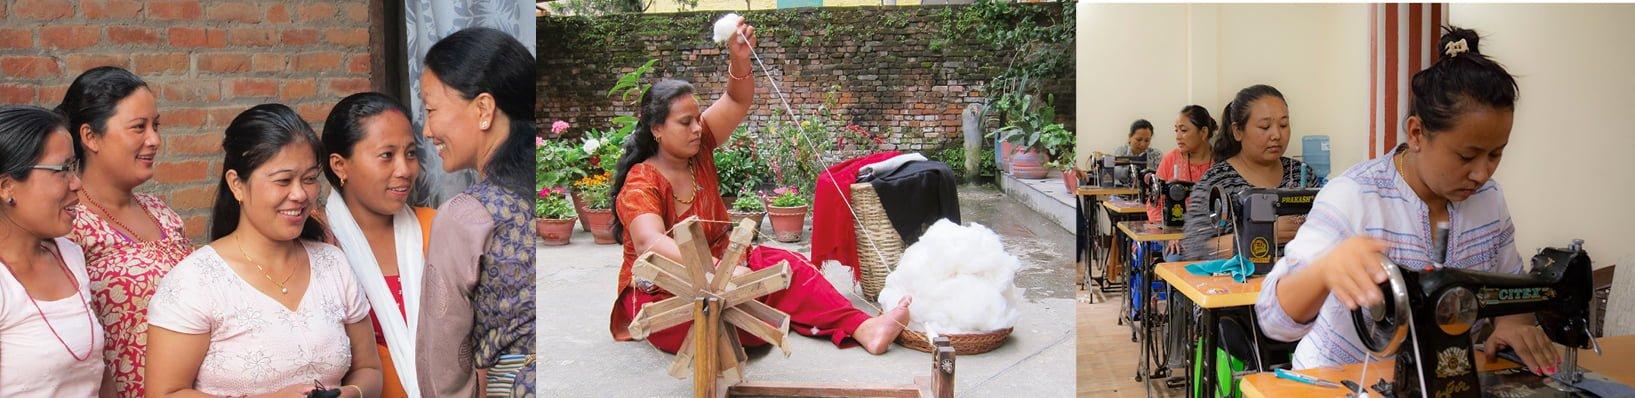 AKASHA HANDMADE – Empowering Women in Nepal